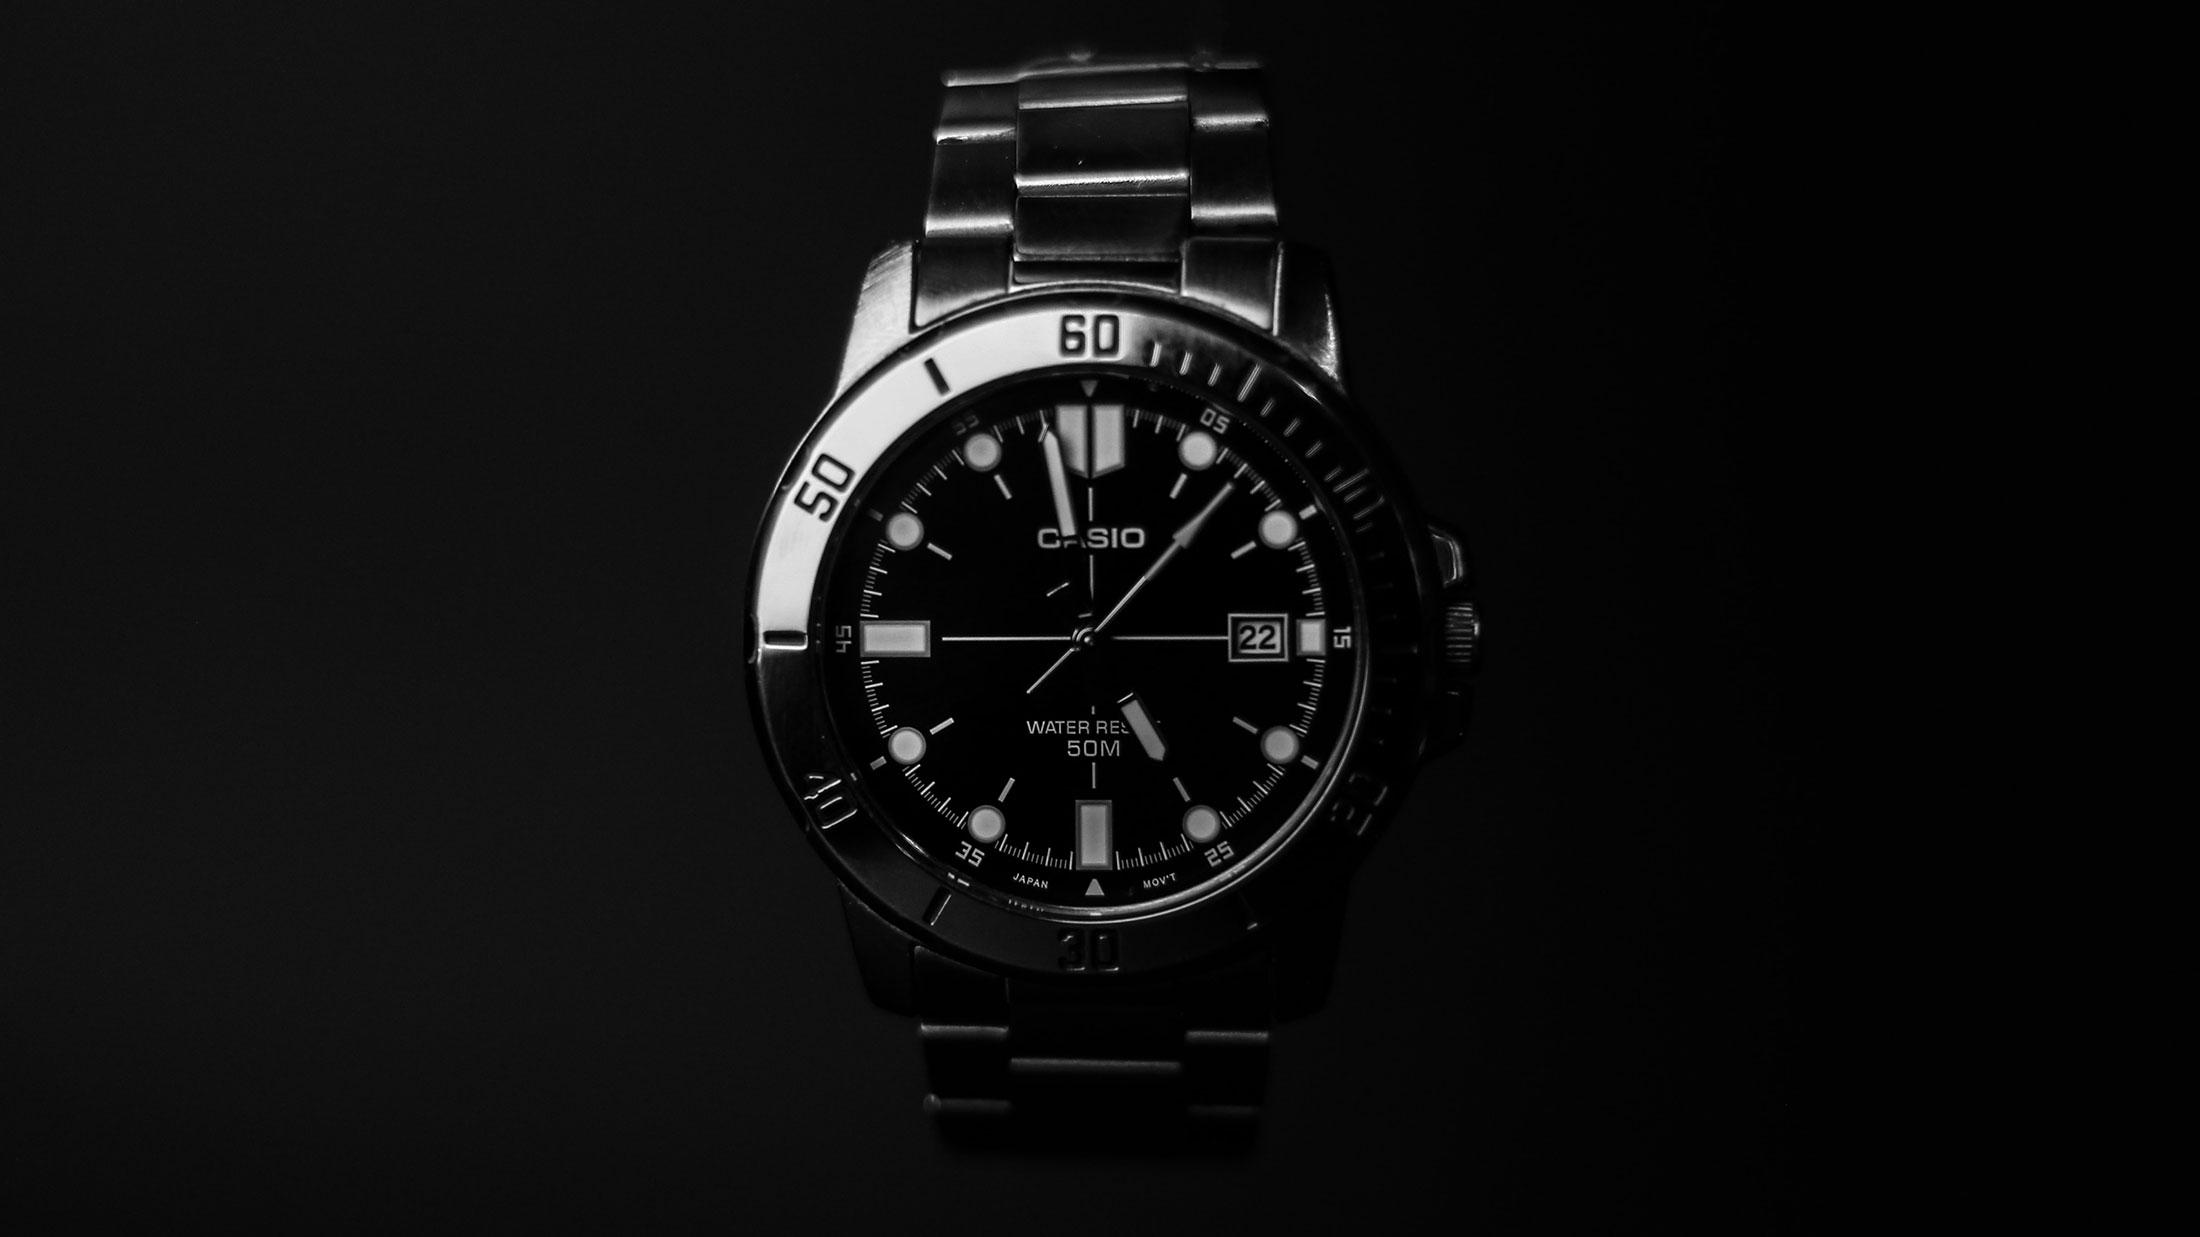 Какви спецификации притежават ръчните часовници?